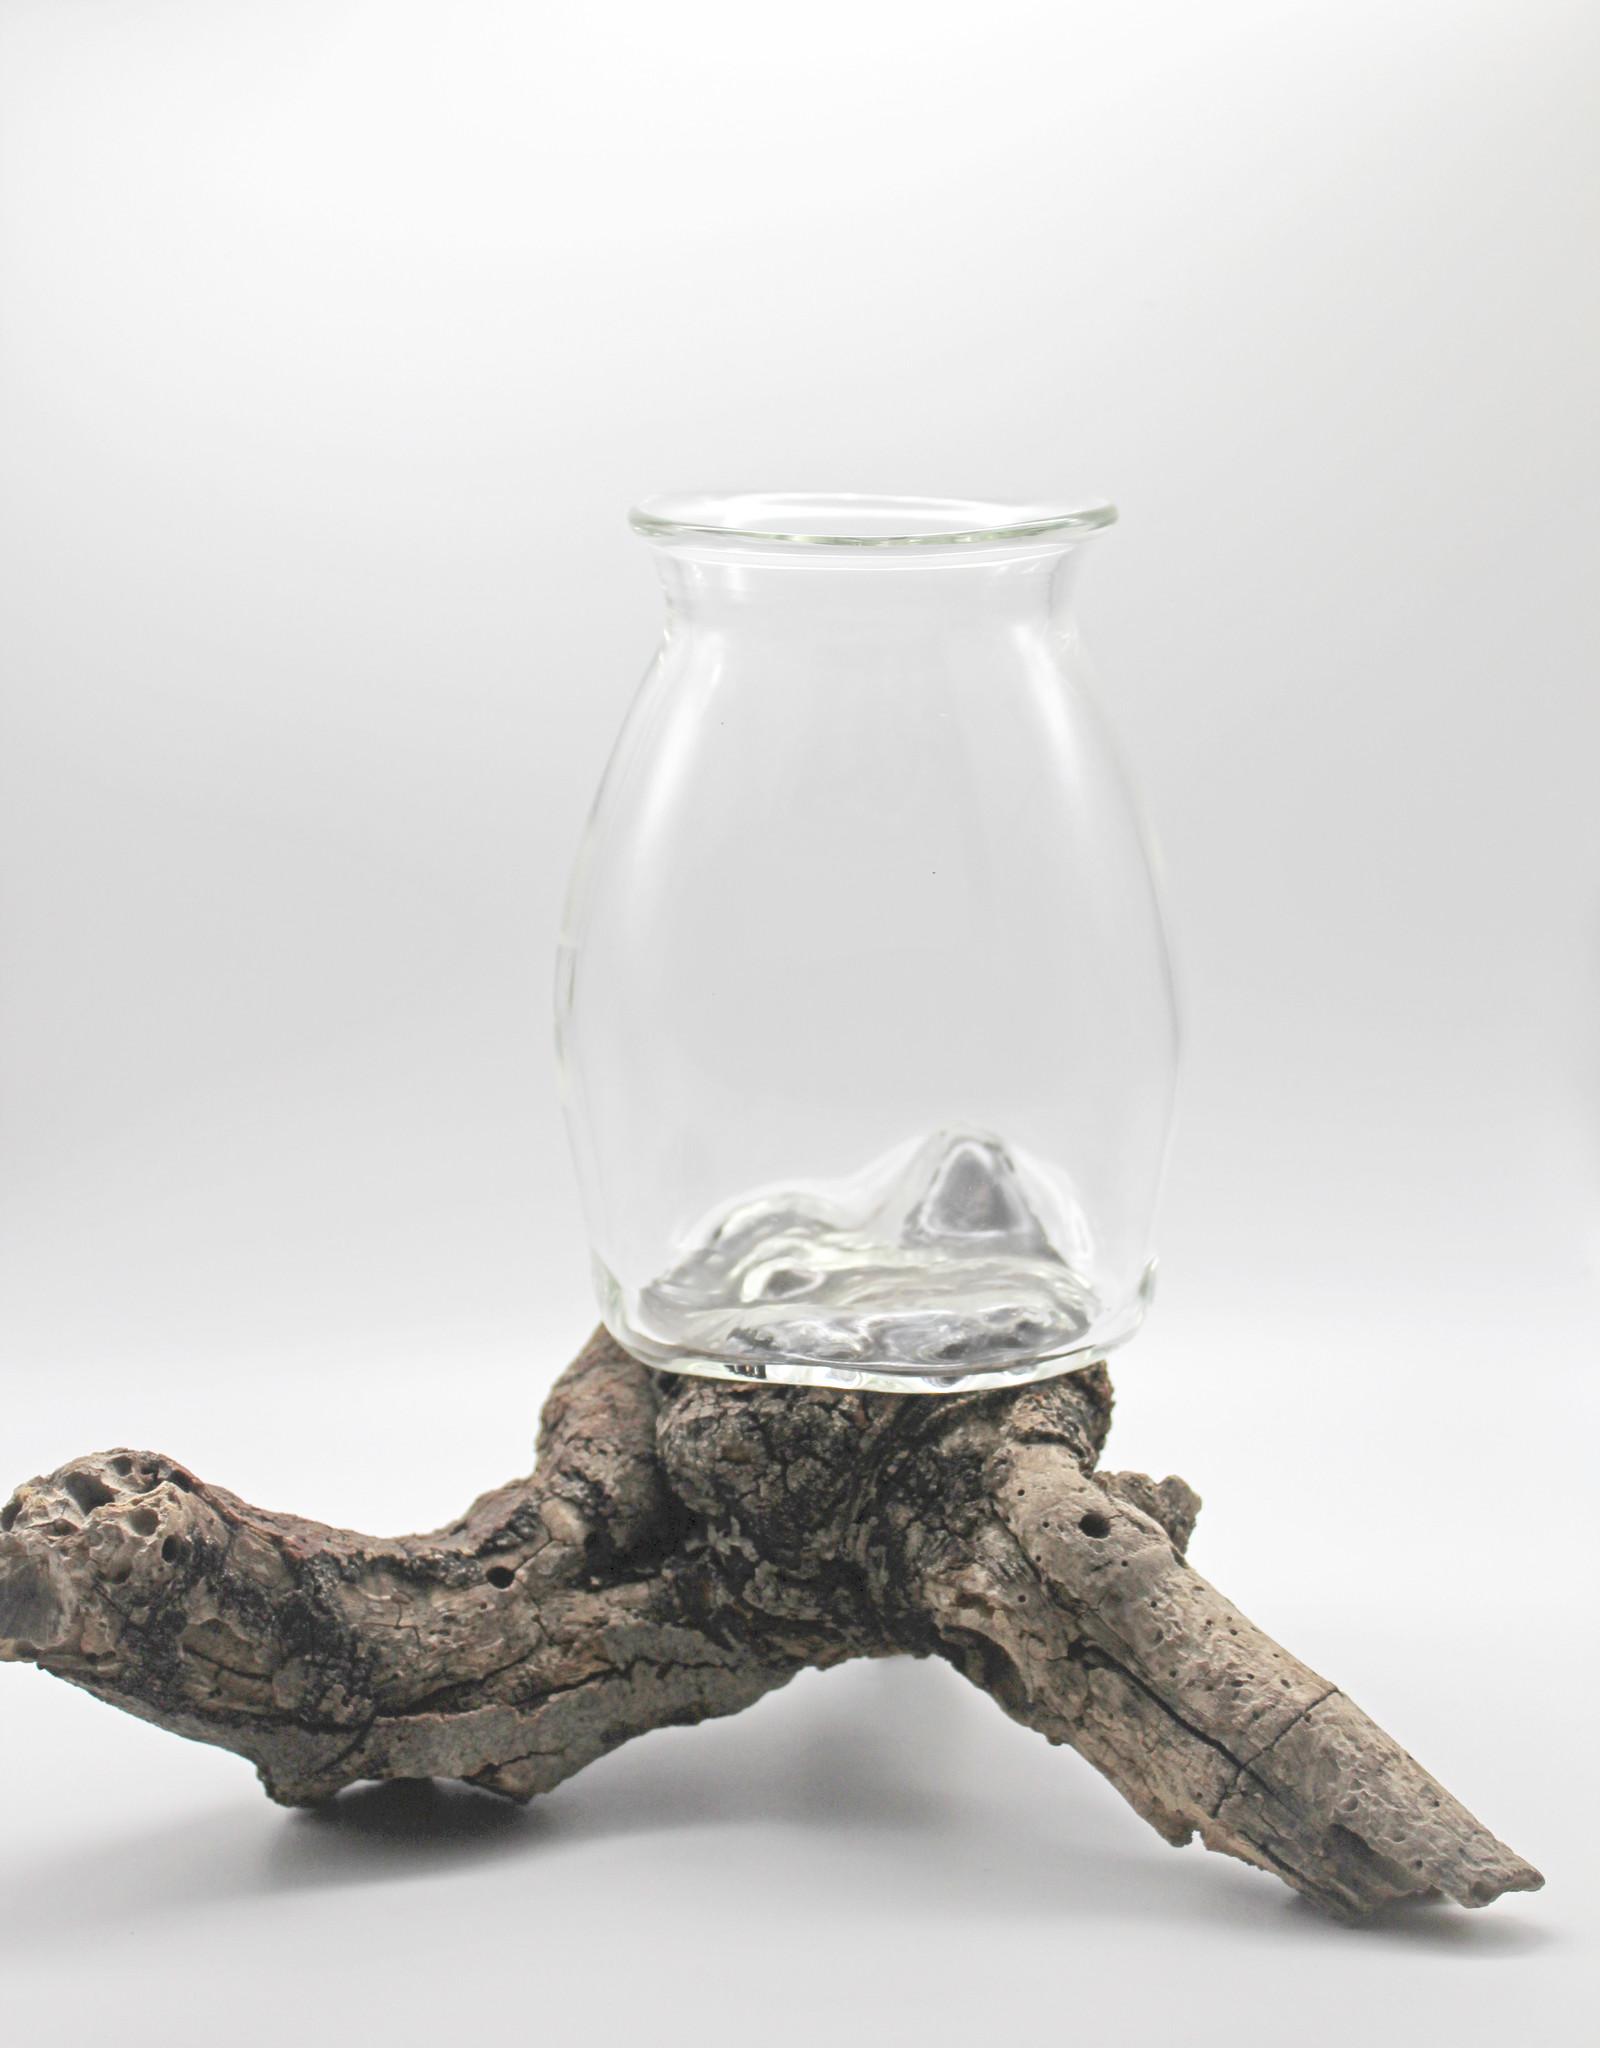 Quinn Harmon CQH01 Driftwood Vase